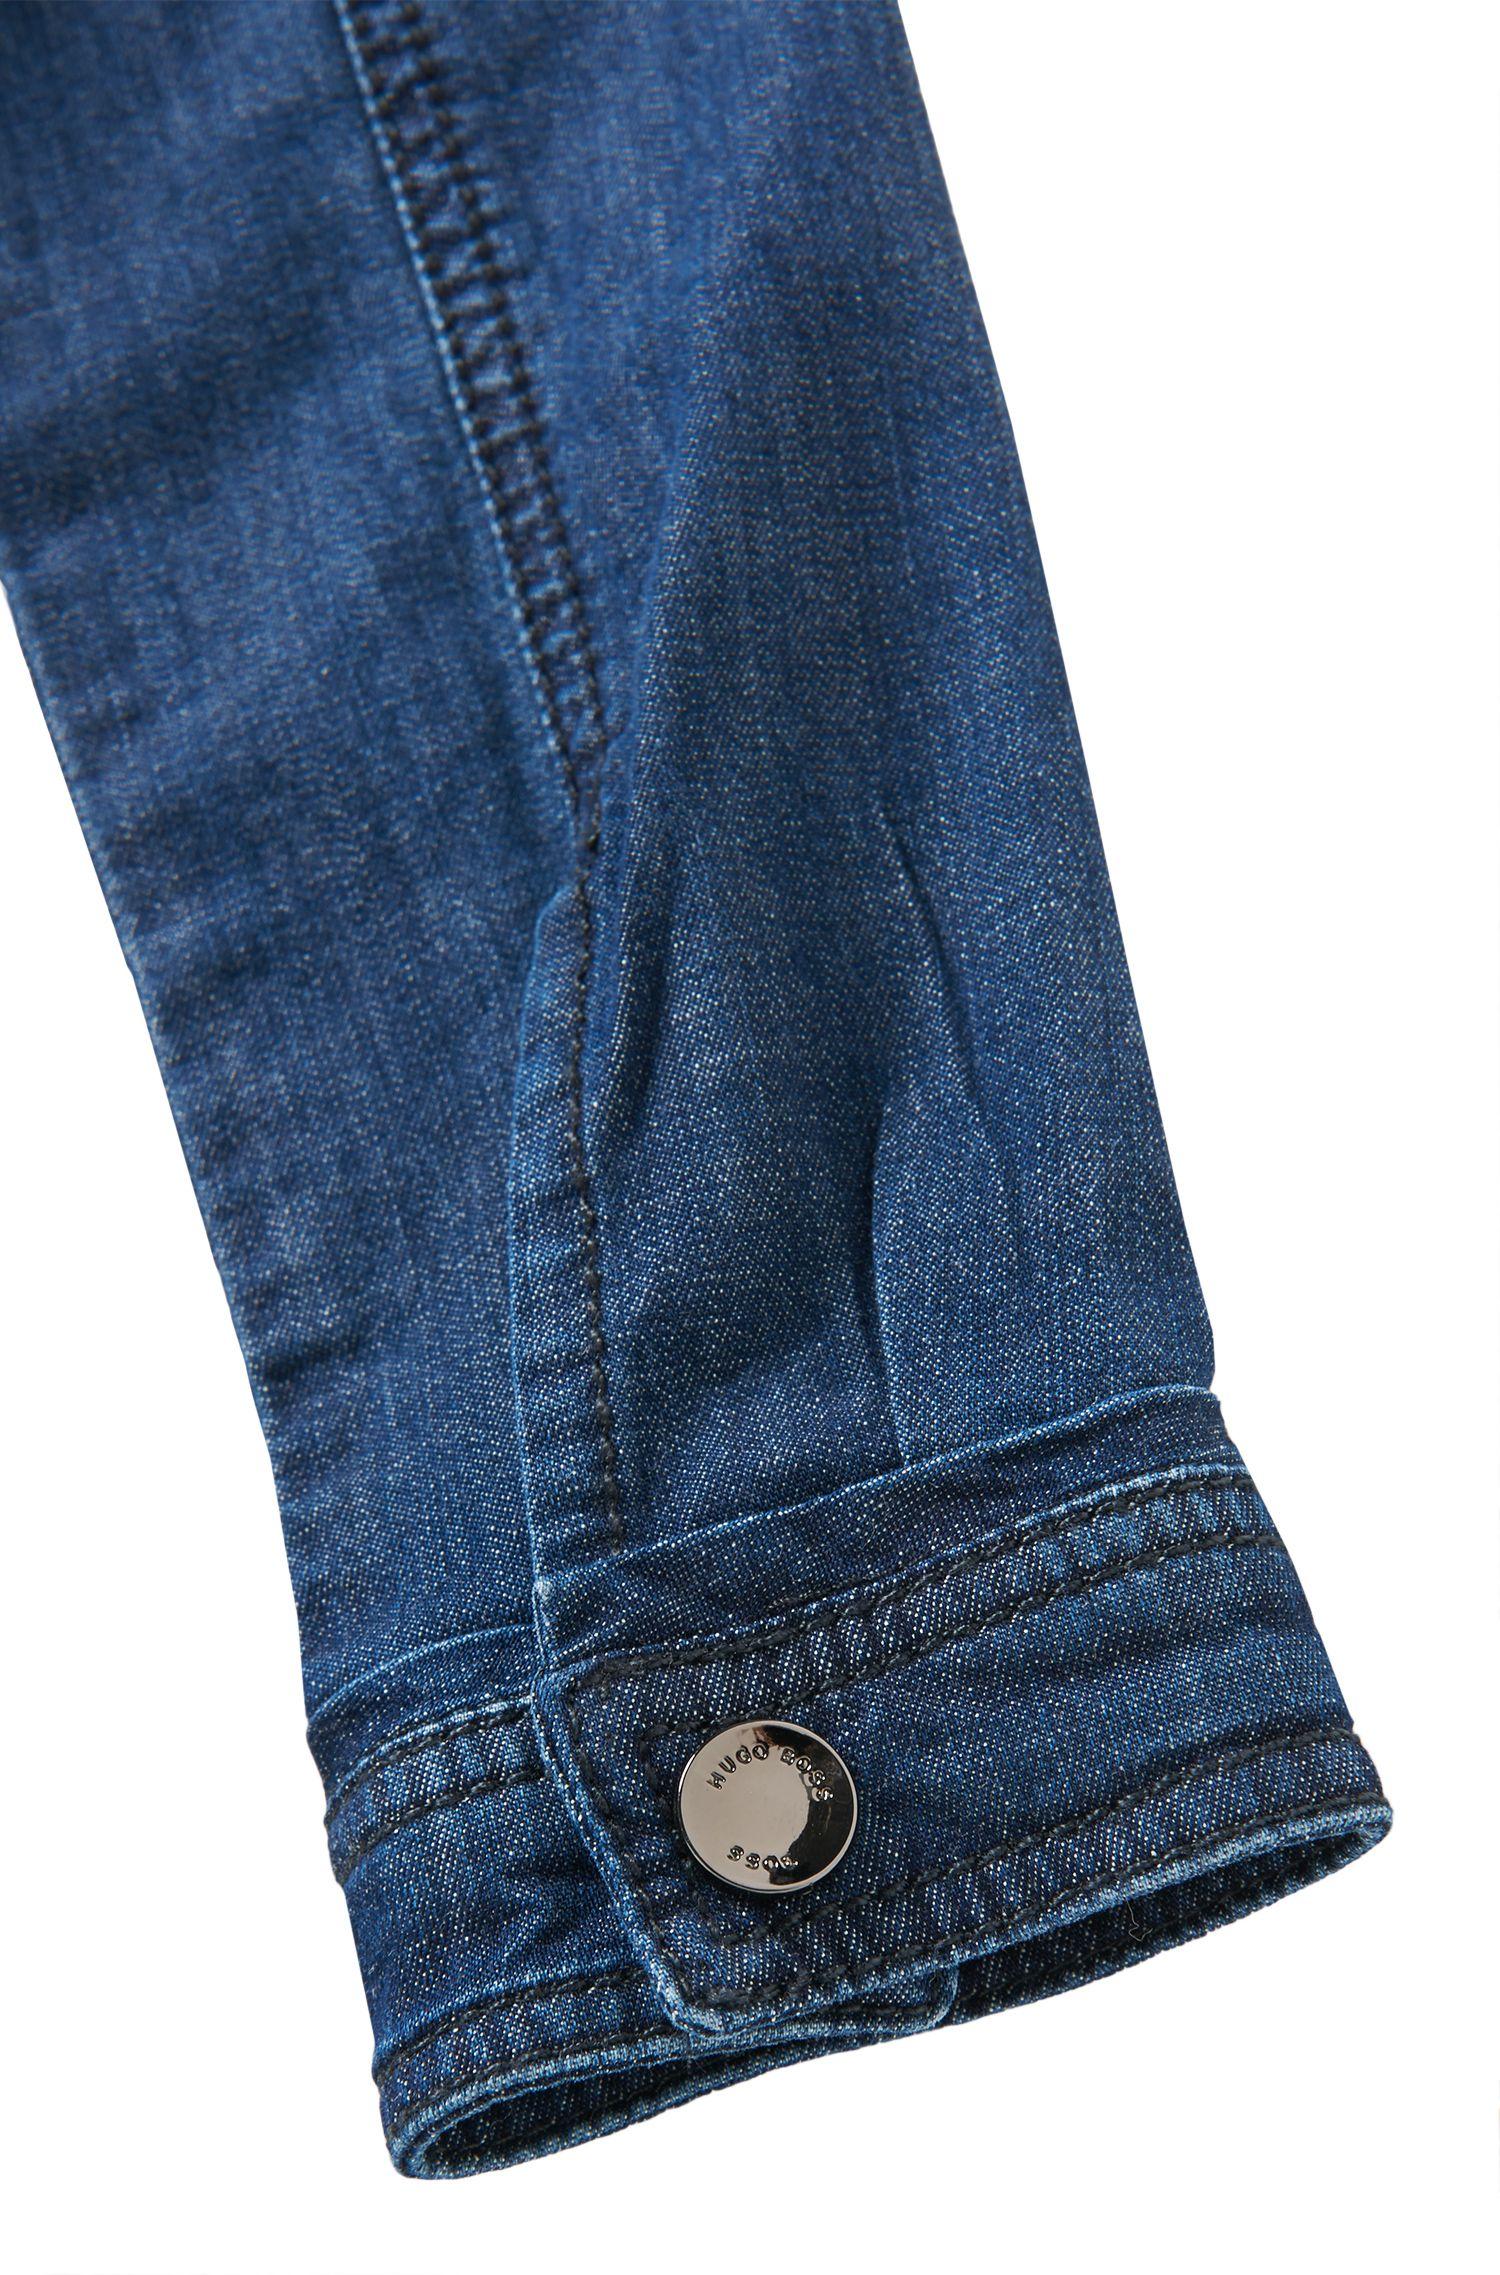 Robe en jeans en coton extensible pour enfants: «J12127», Fantaisie